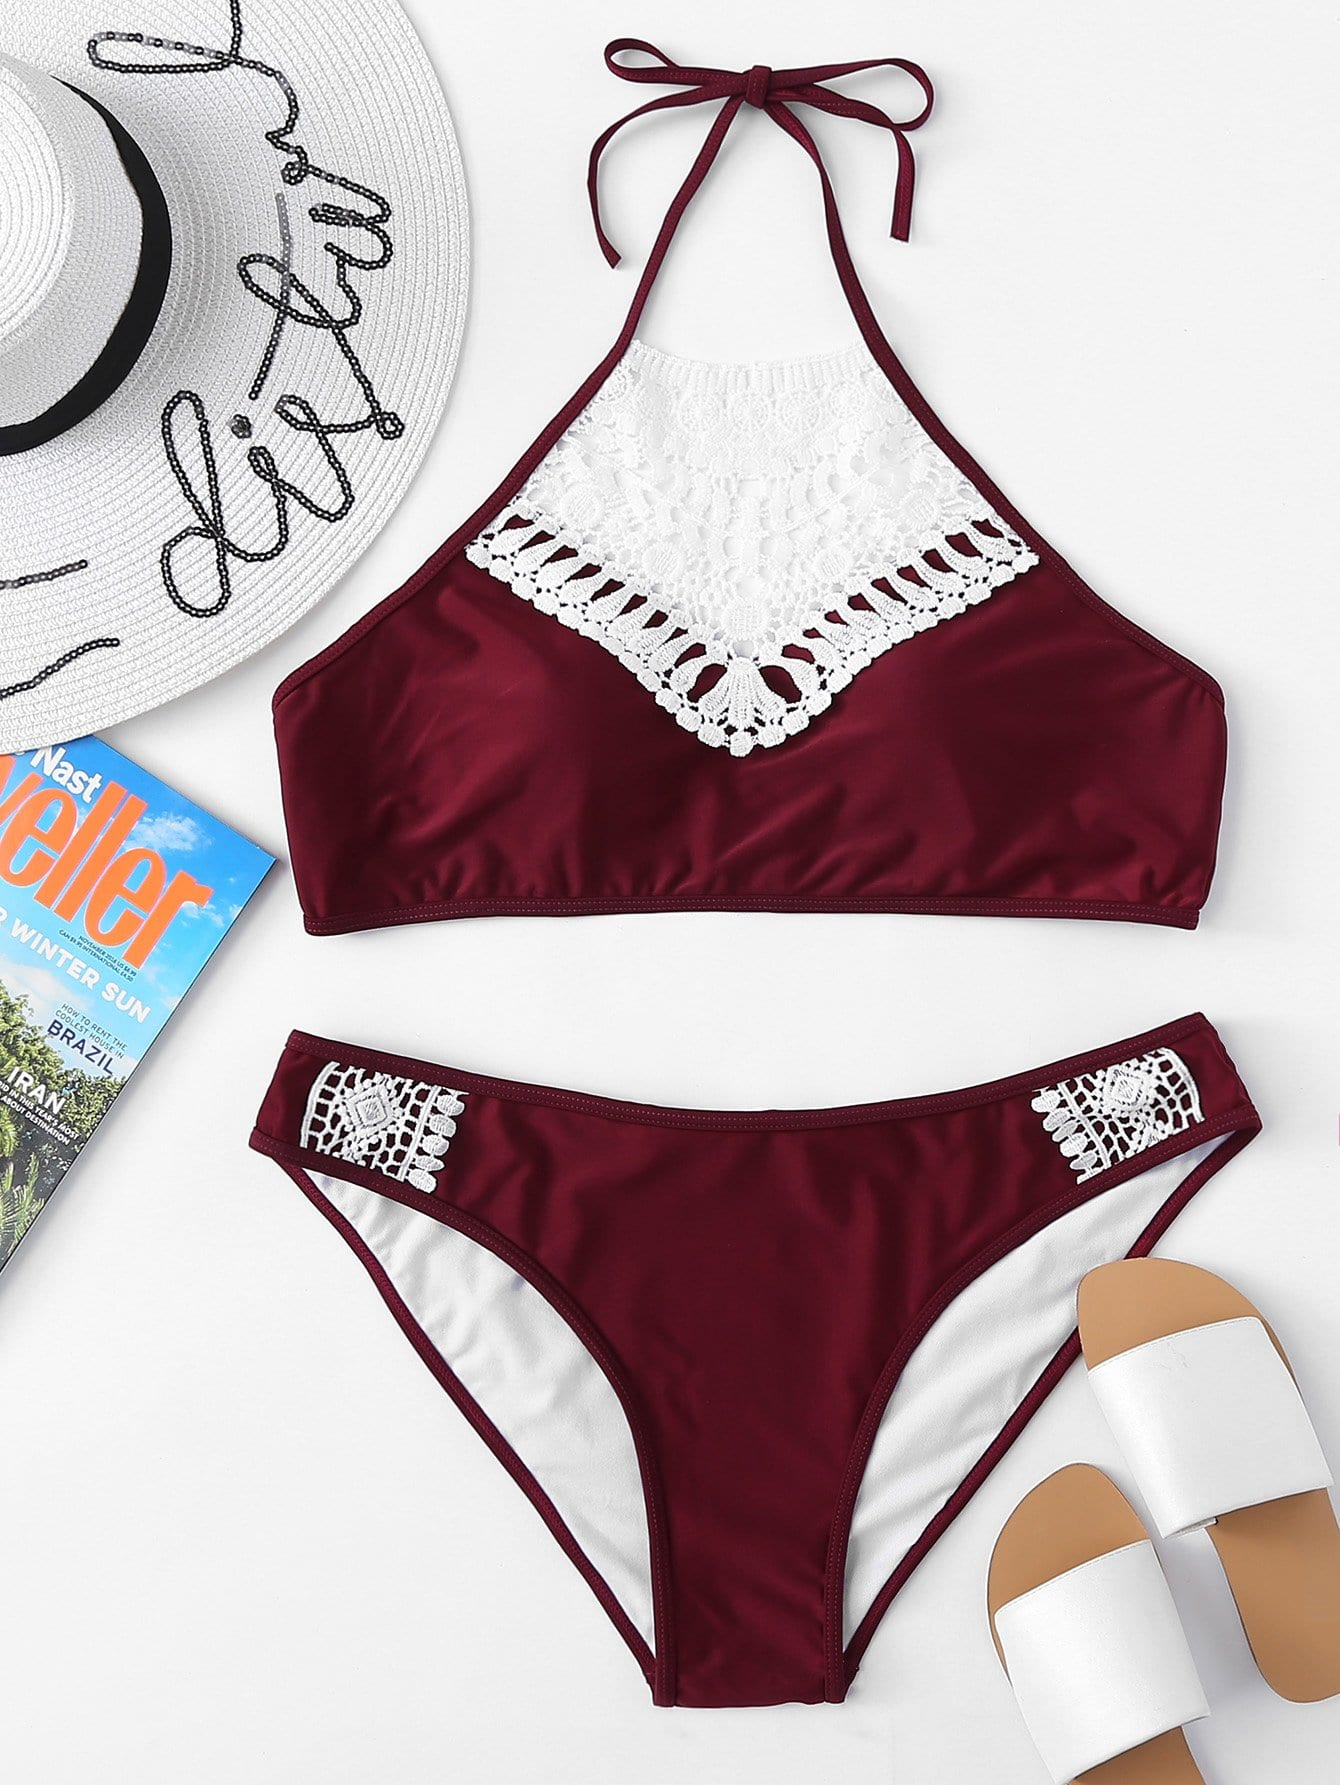 Contrast Lace High Neck Bikini Set contrast lace high neck bikini set